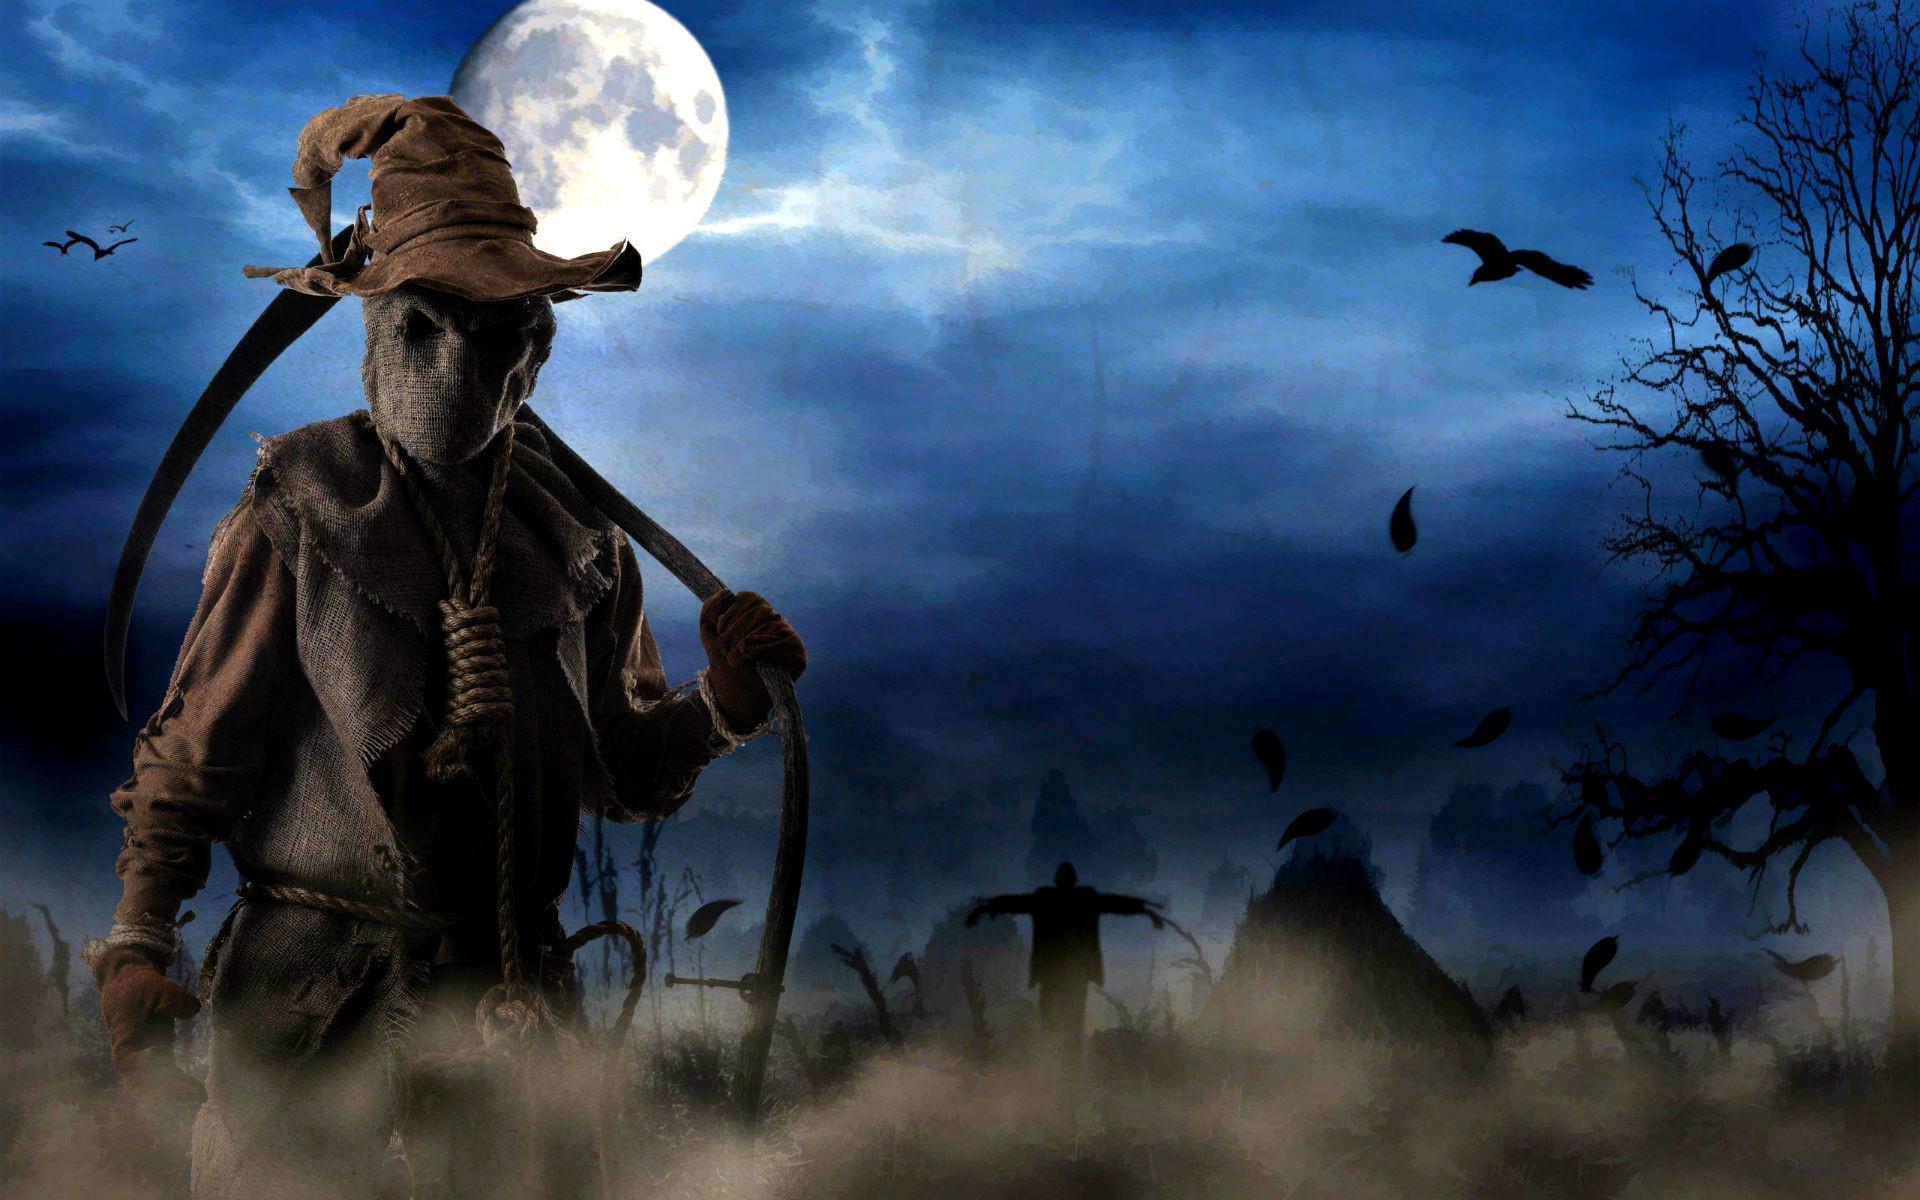 Halloween Wallpaper – Give Your Desktop Also Spooky Look